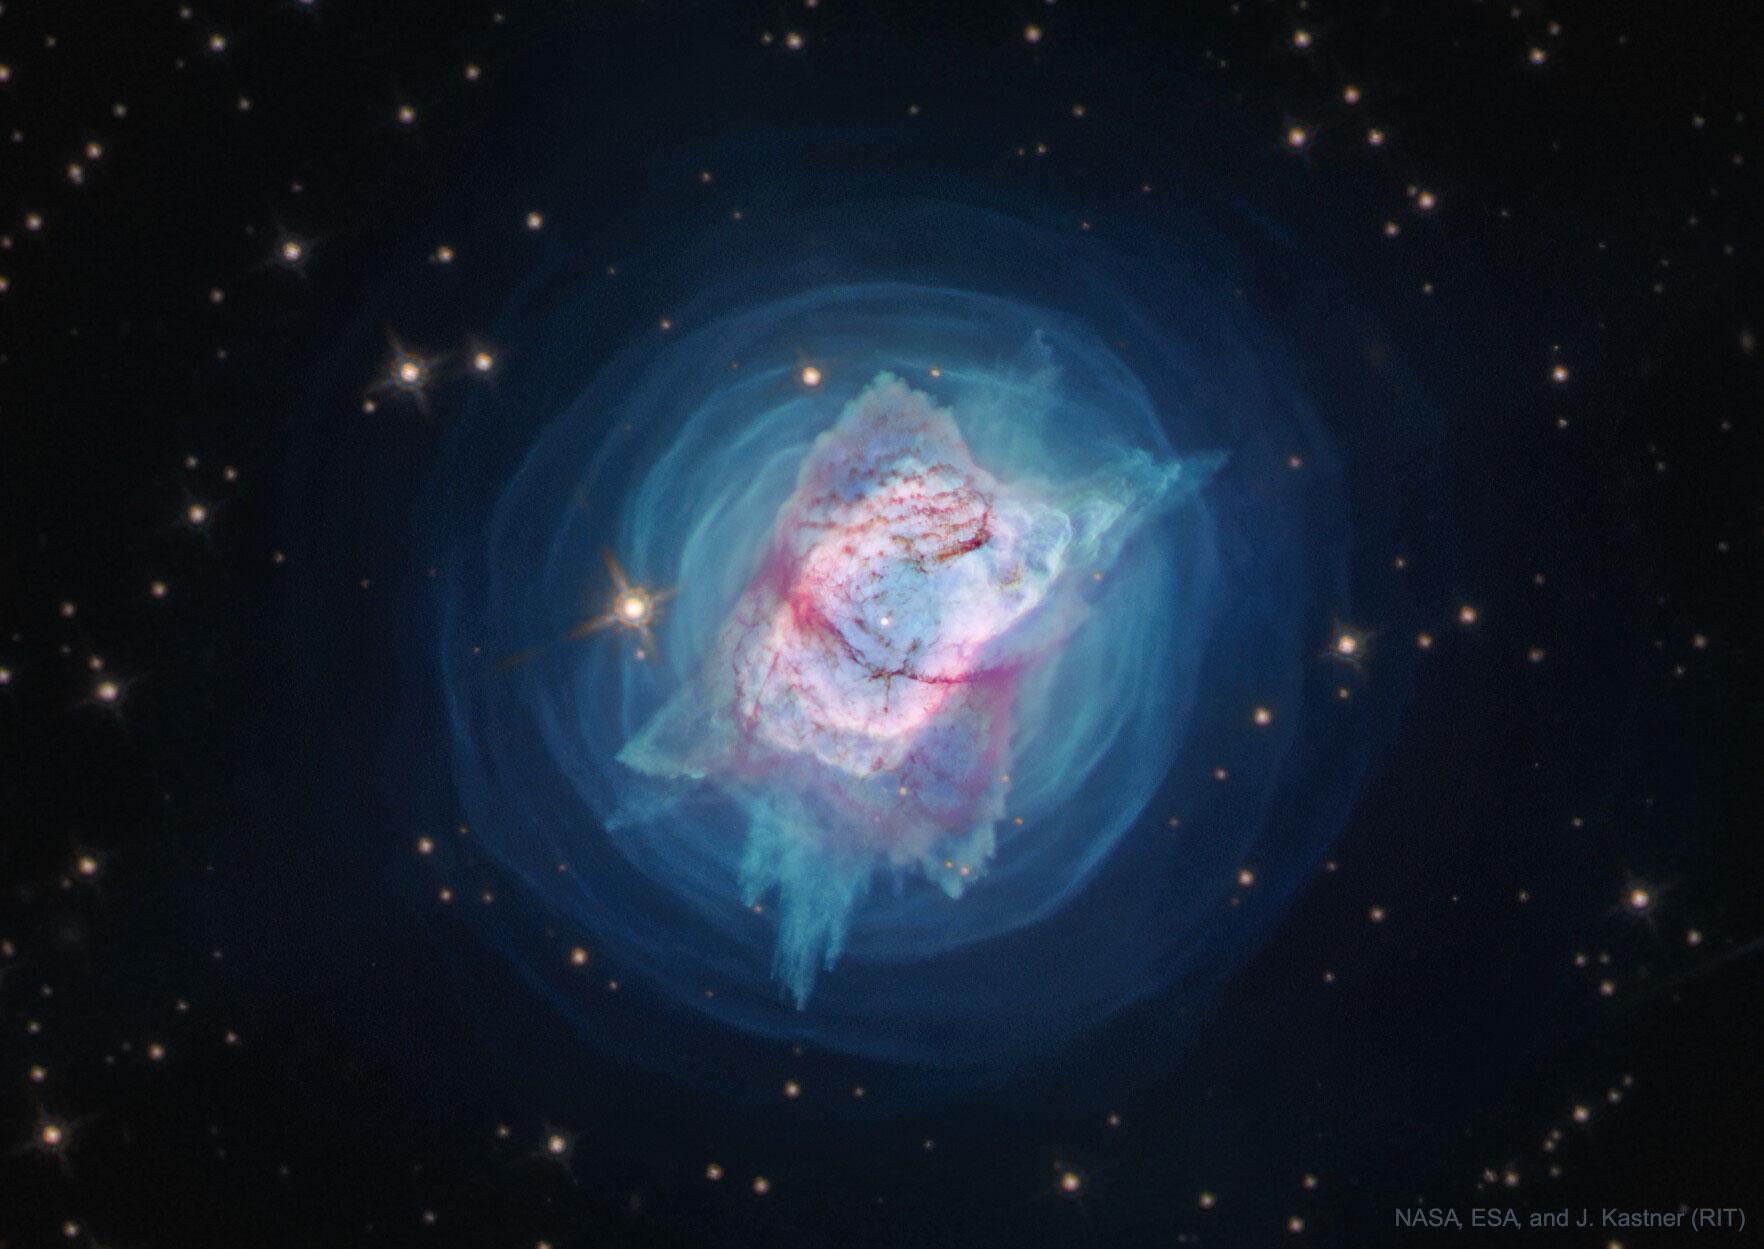 APOD: 2020 June 30 - Bright Planetary Nebula NGC 7027 from Hubble